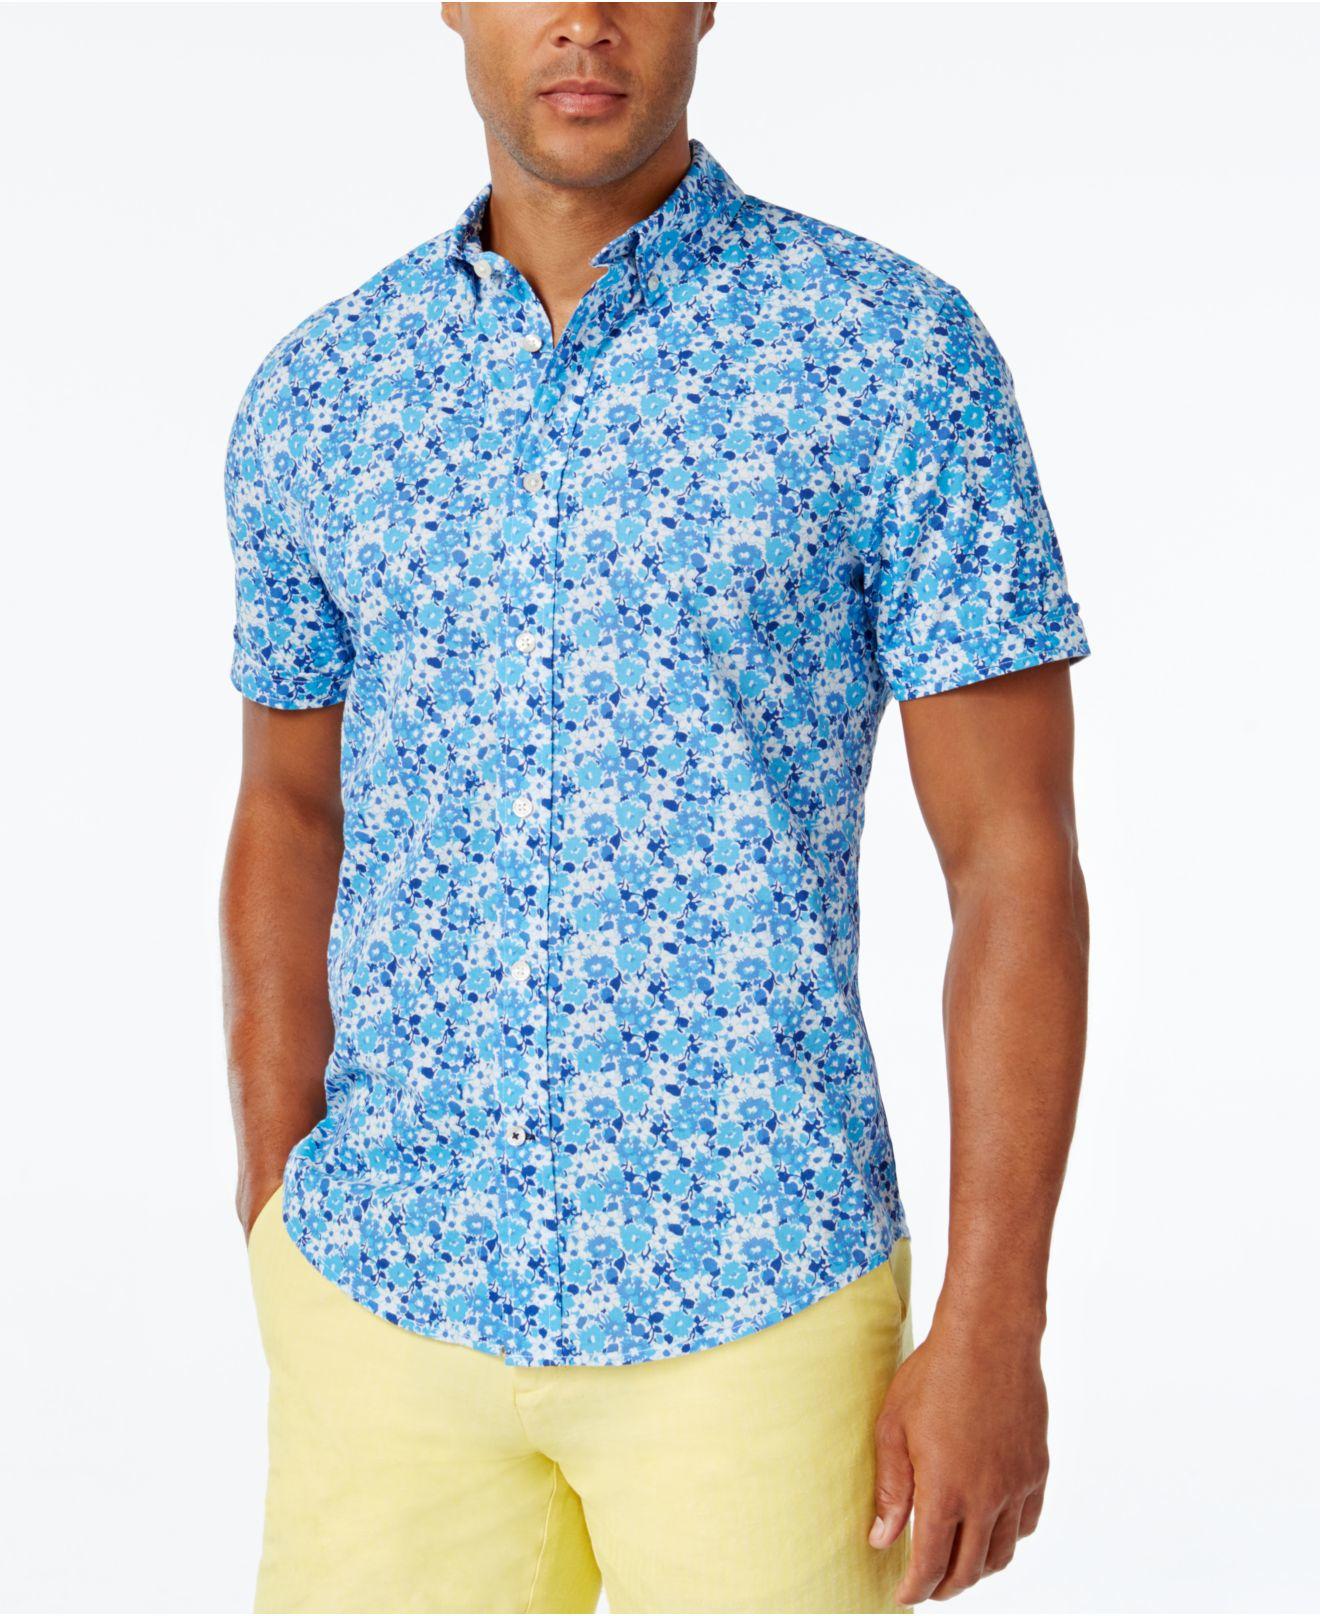 Tommy hilfiger men 39 s caste floral print short sleeve shirt for Mens short sleeve floral shirt